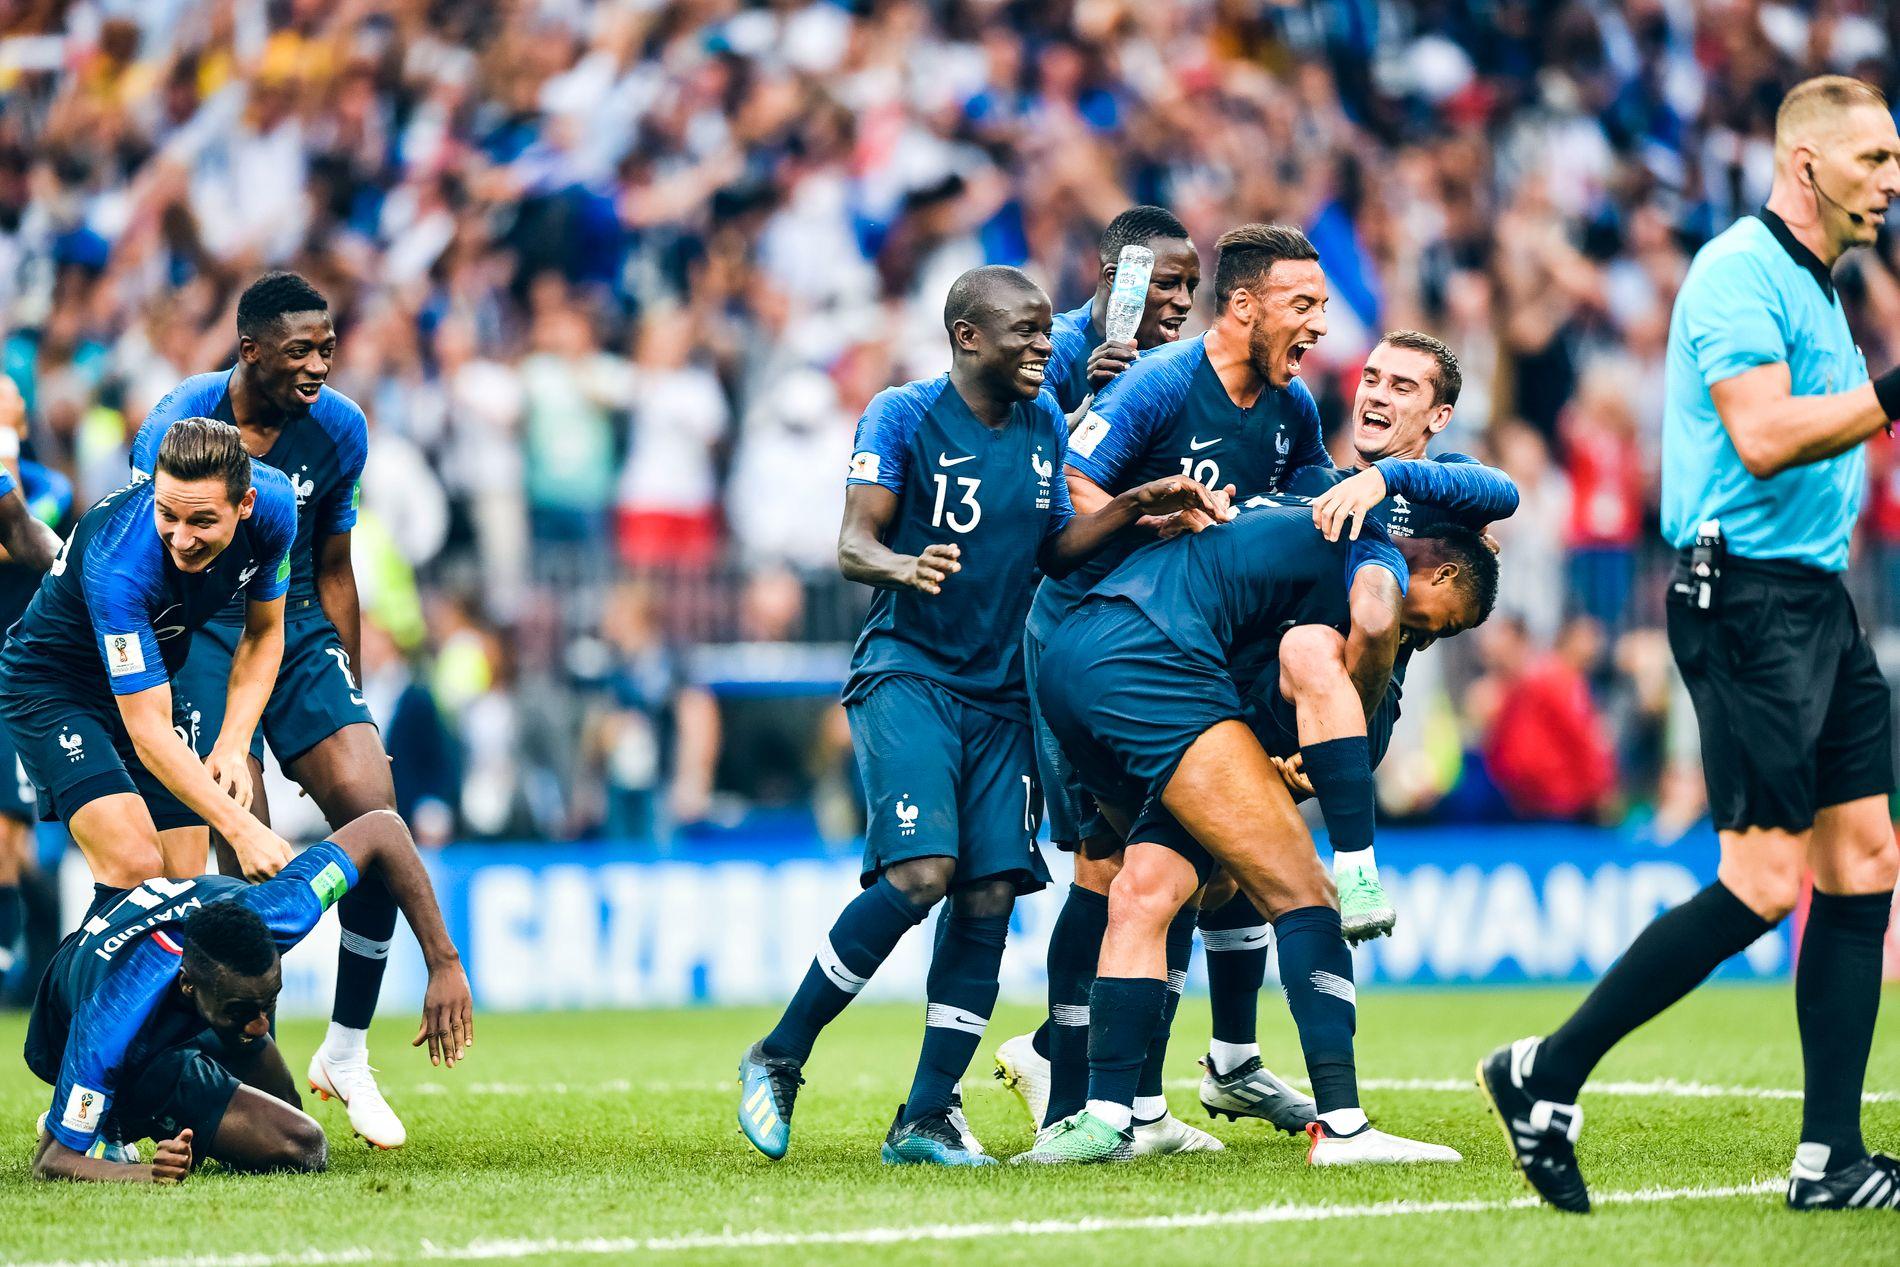 ELLEVILL SEIERSJUBEL: Frankrike-spillerne omfavner hverandre etter at sluttsignalet i Moskva går. De er naturligvis i ekstase etter å ha vunnet finalen.